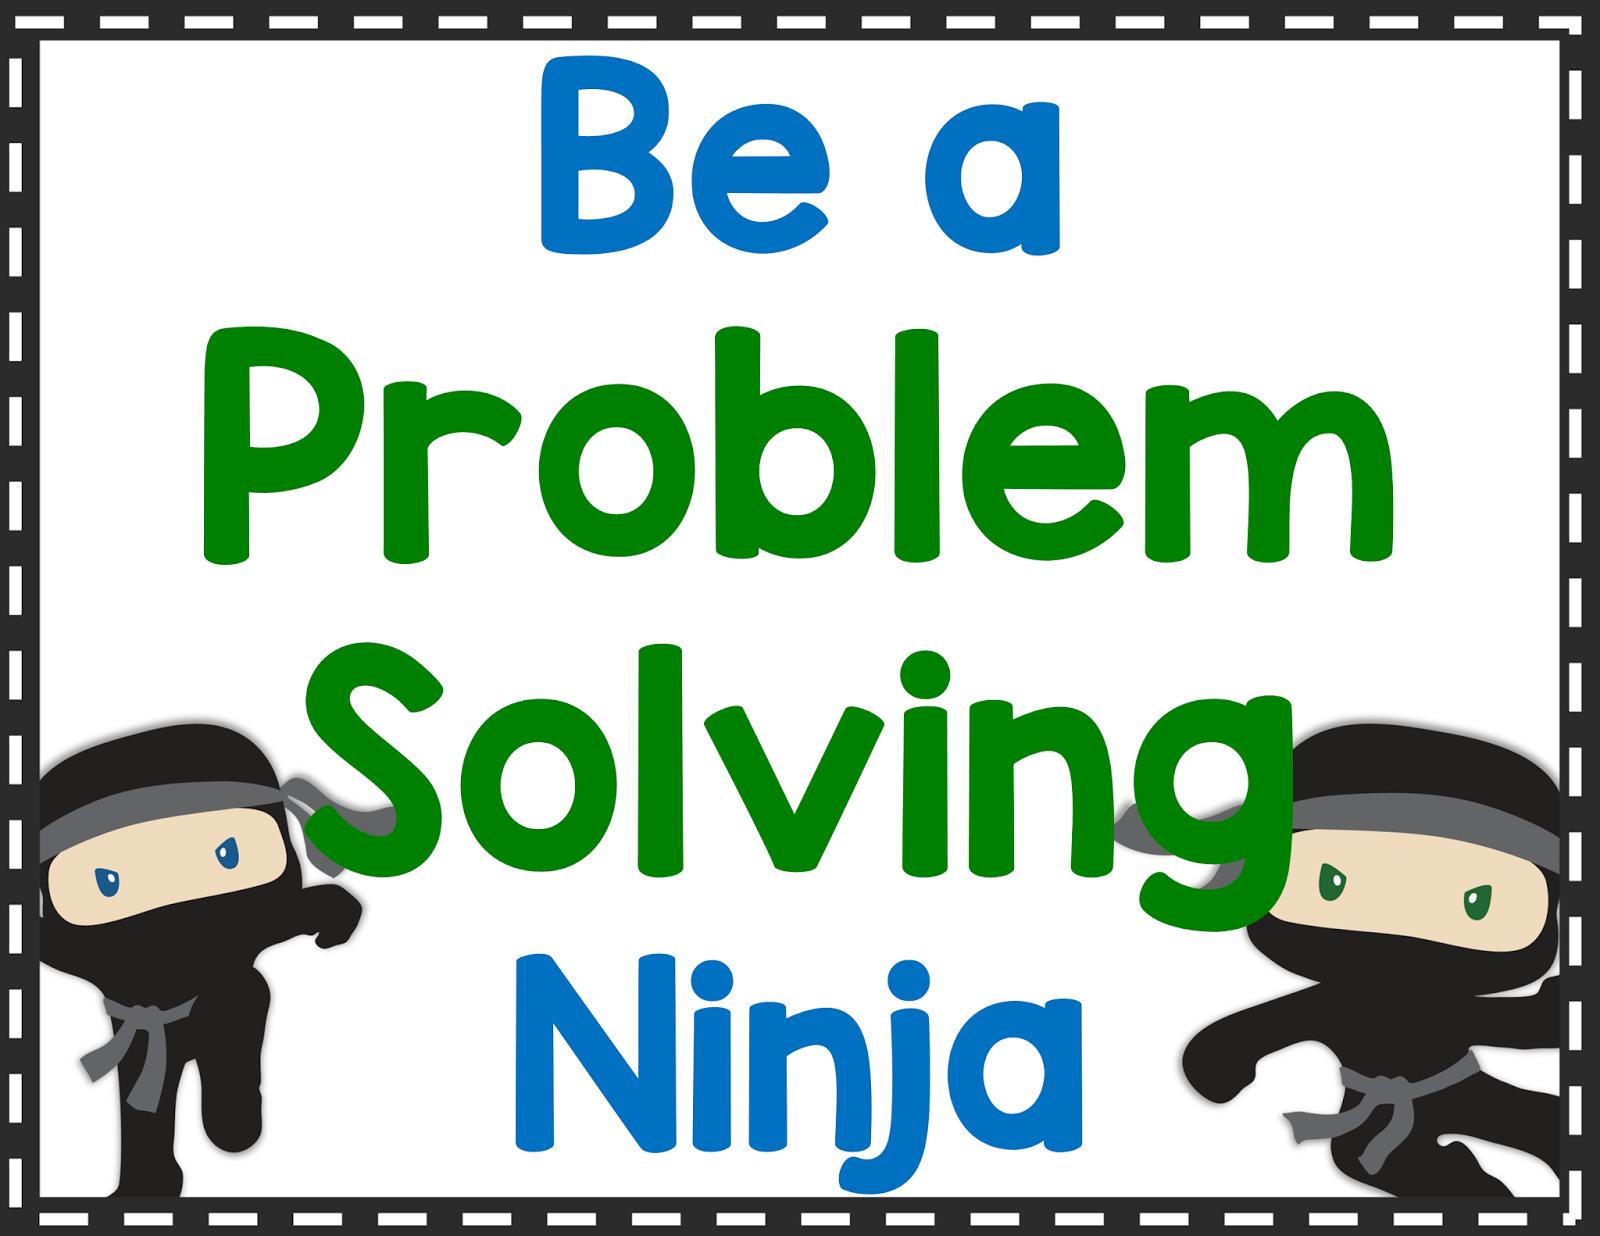 Word clipart problem Problem Ninjas Solving